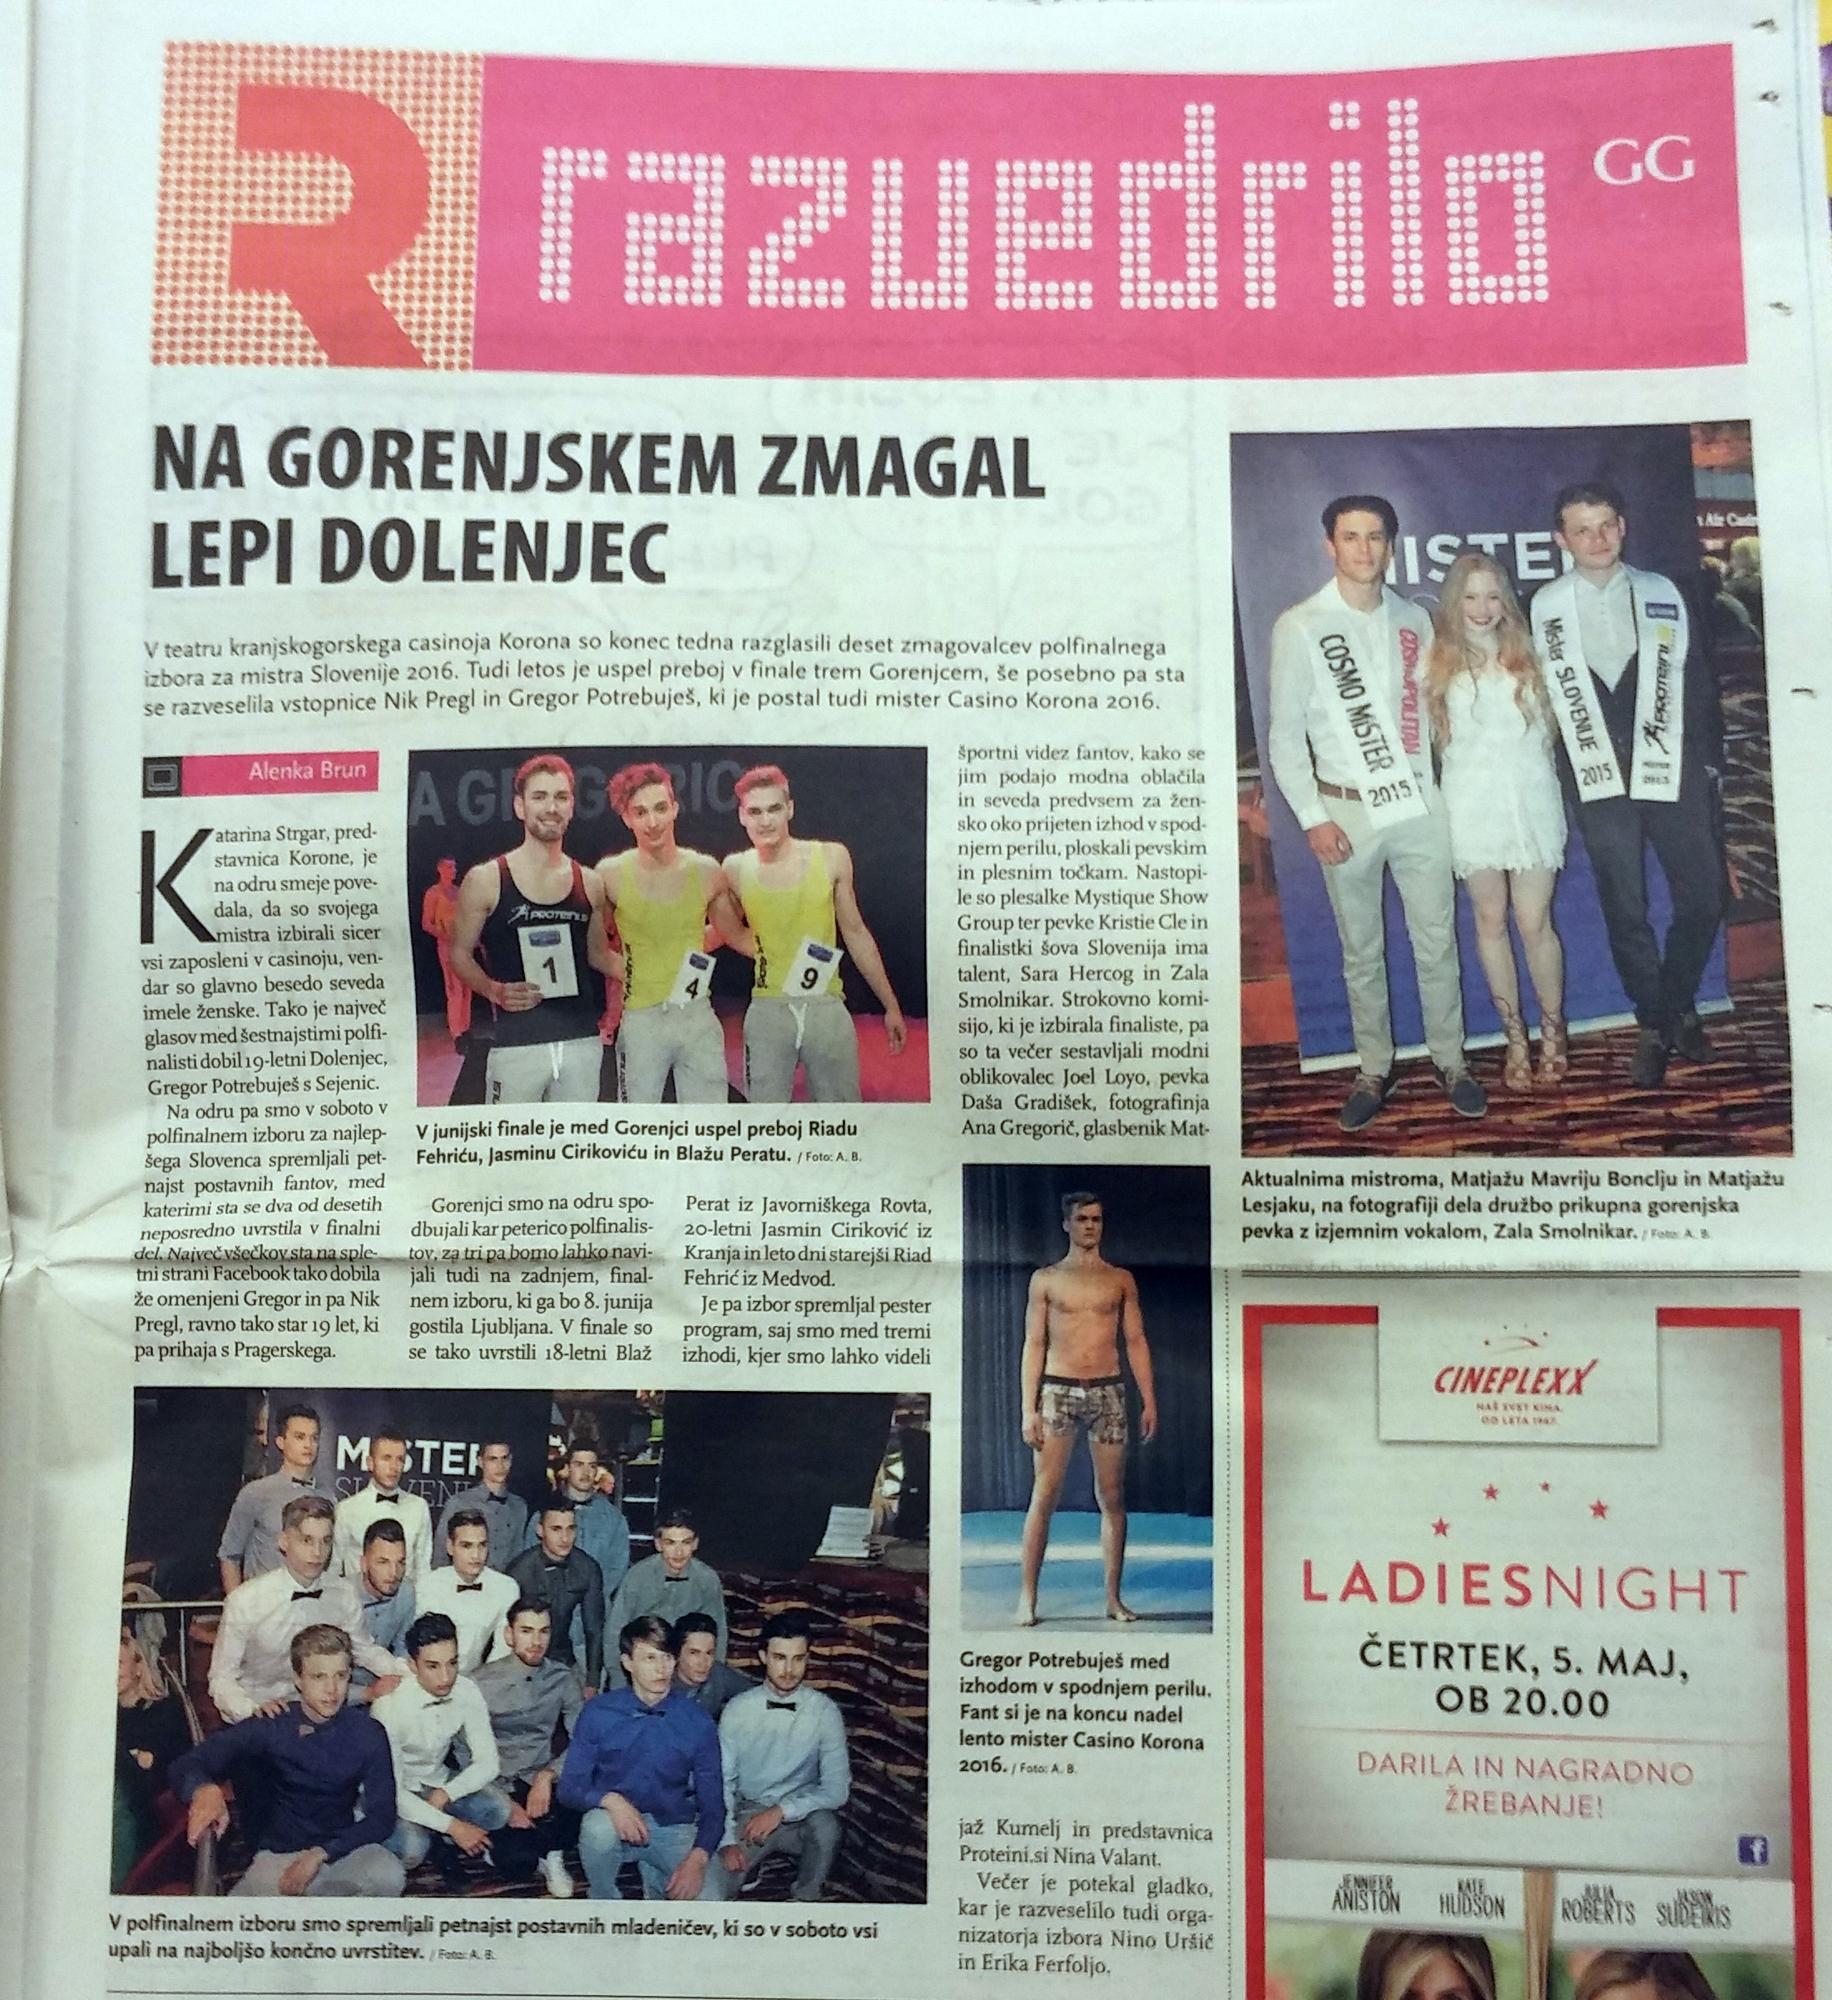 Mister Slovenije 2016, Kranjska Gora